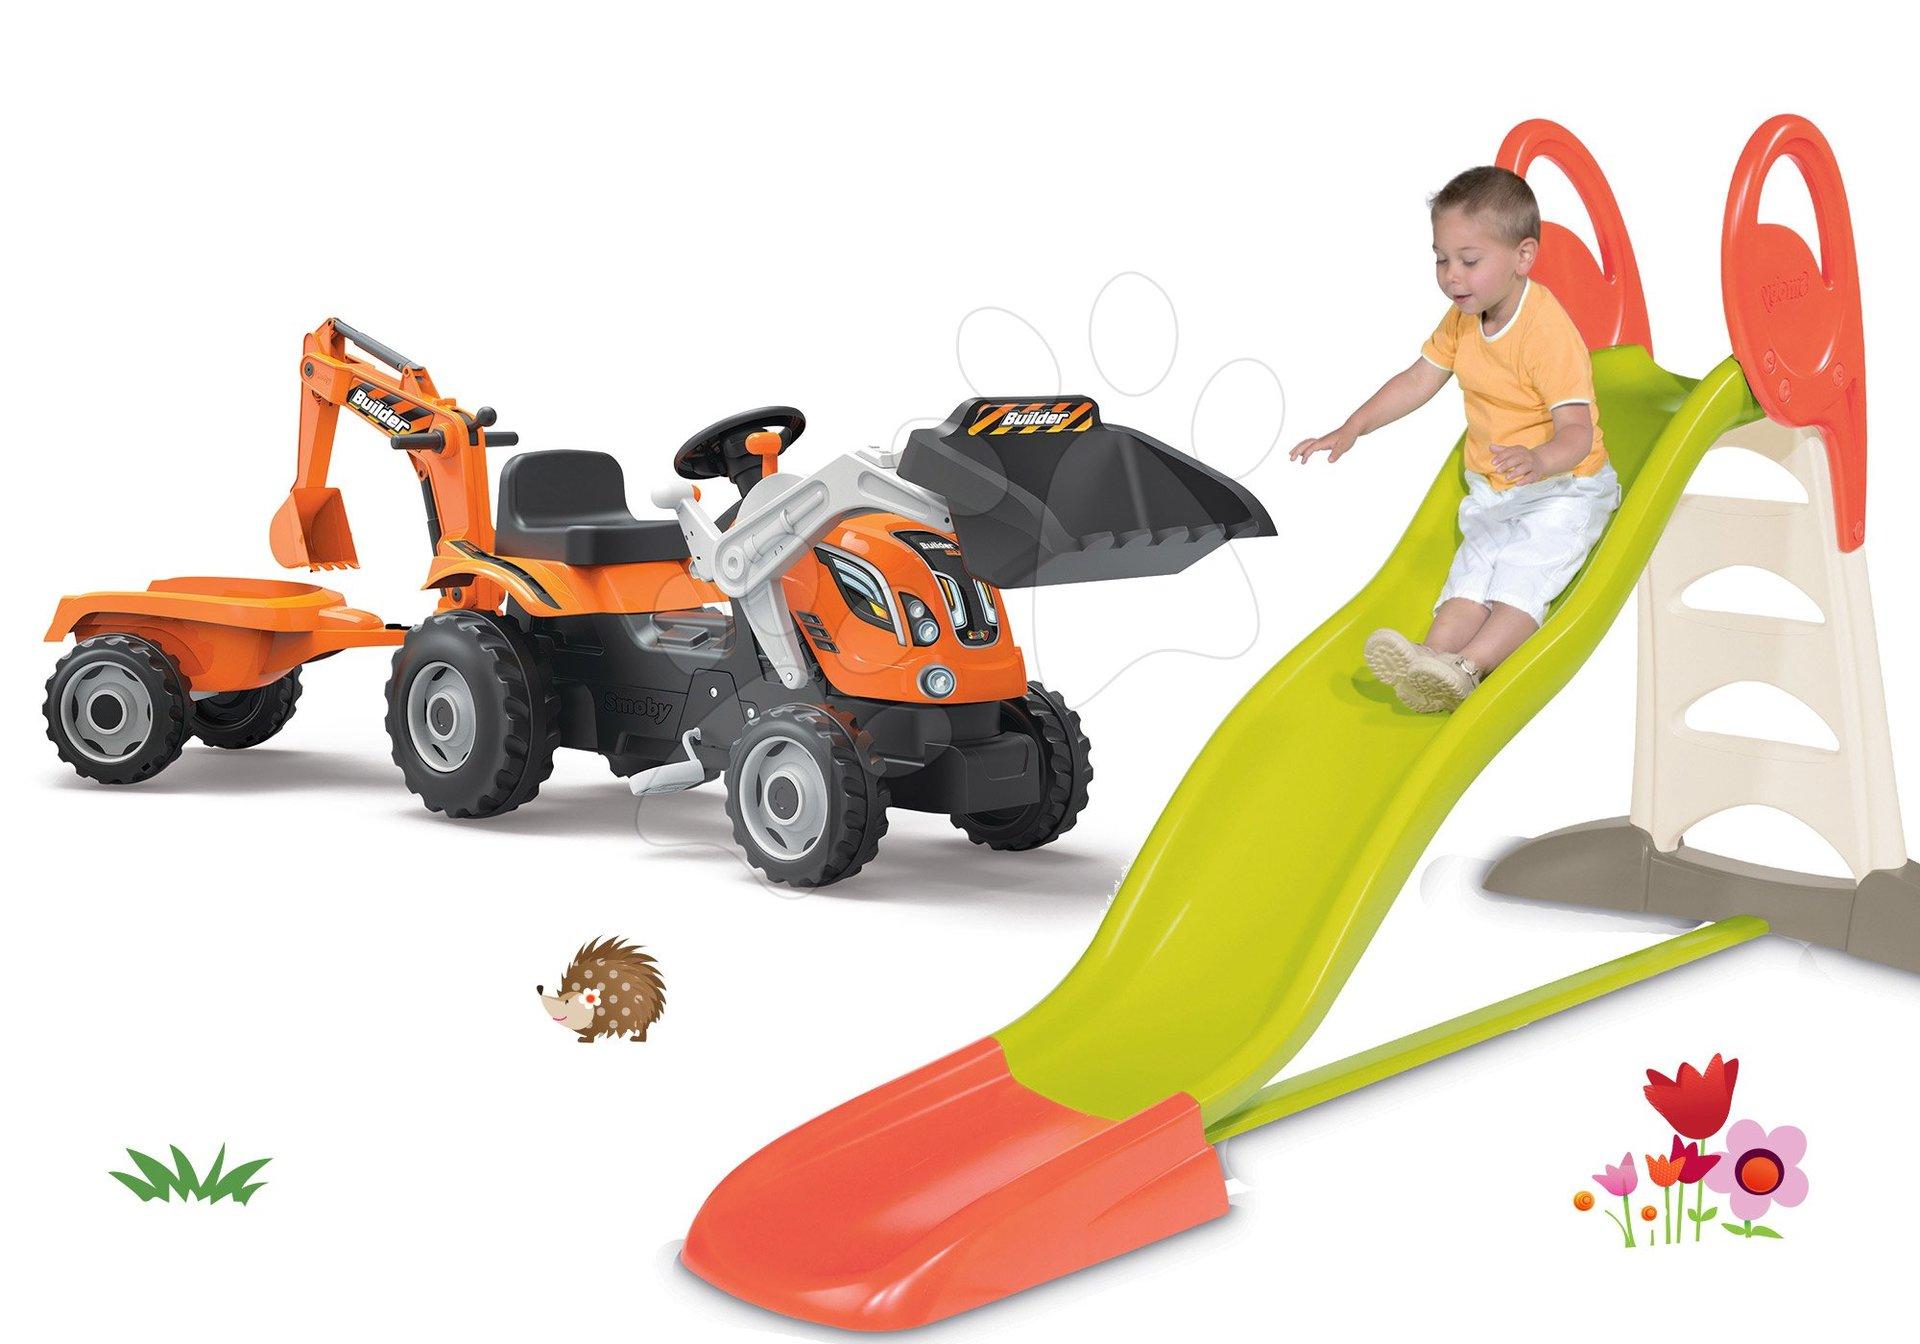 Smoby šmykľavka Toboggan XL a detský traktor Builder Max s prívesom, bagrom a nakladačom 310261-12